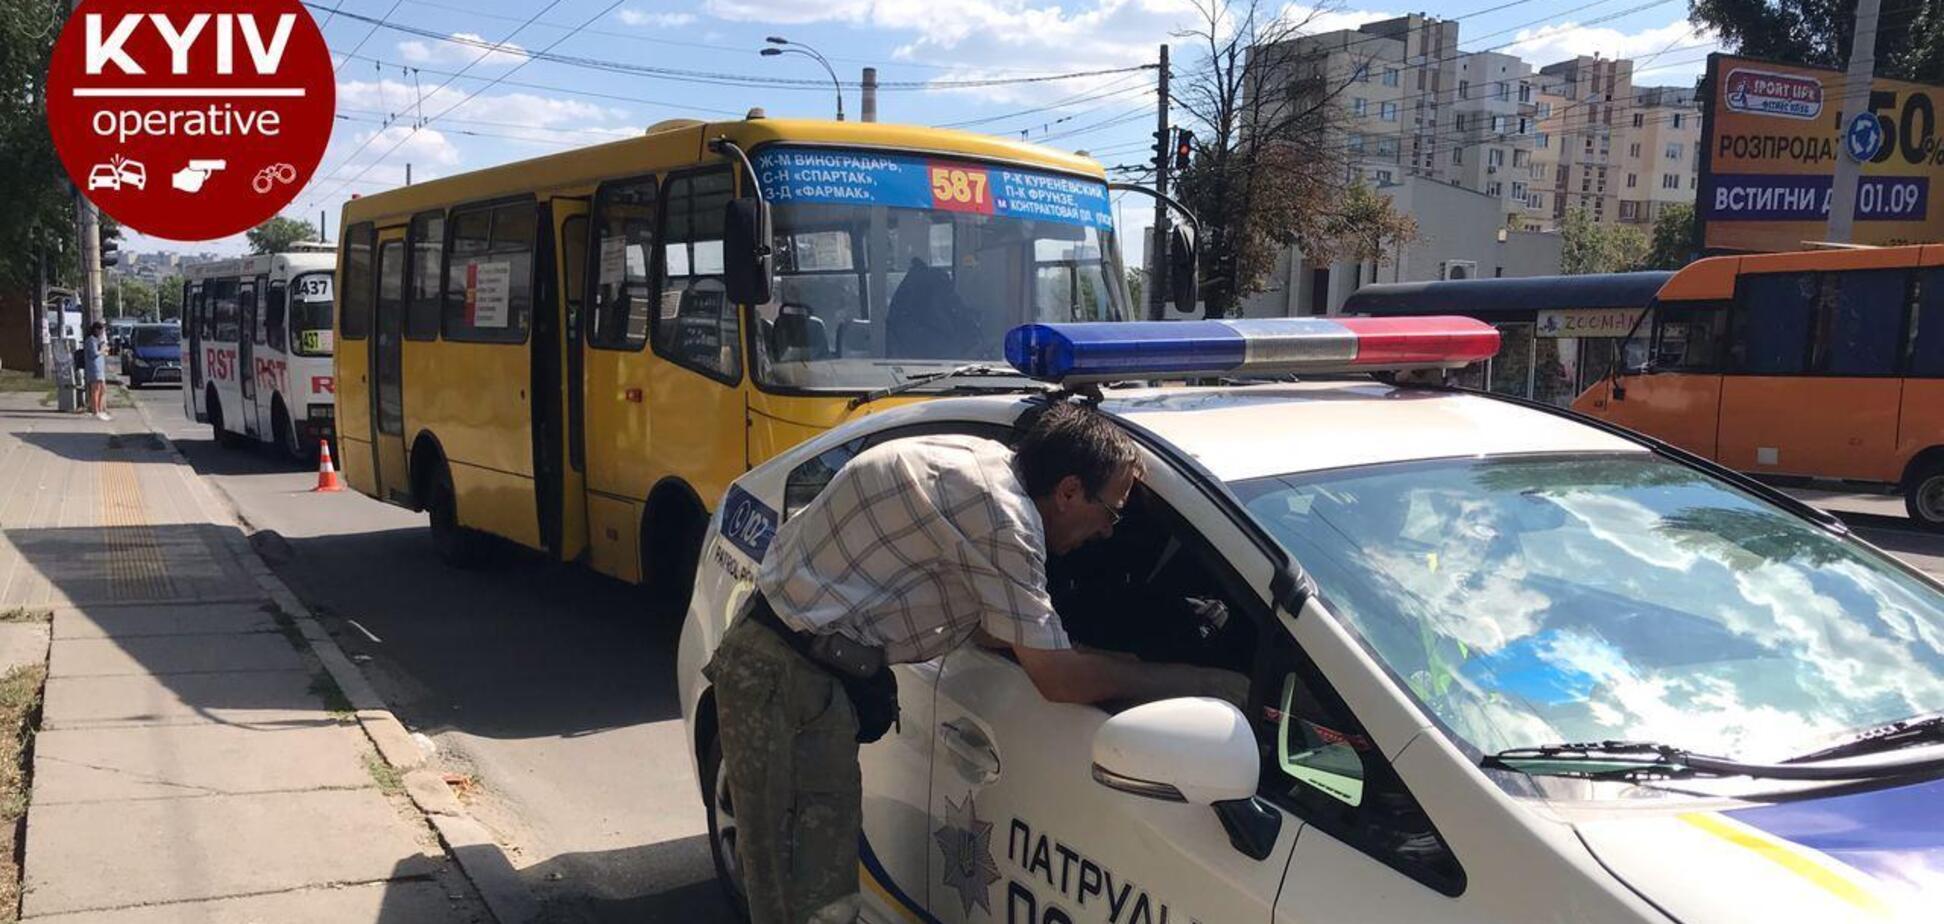 У Києві маршрутка протягнула дорогою пенсіонерку, яка не встигла вийти